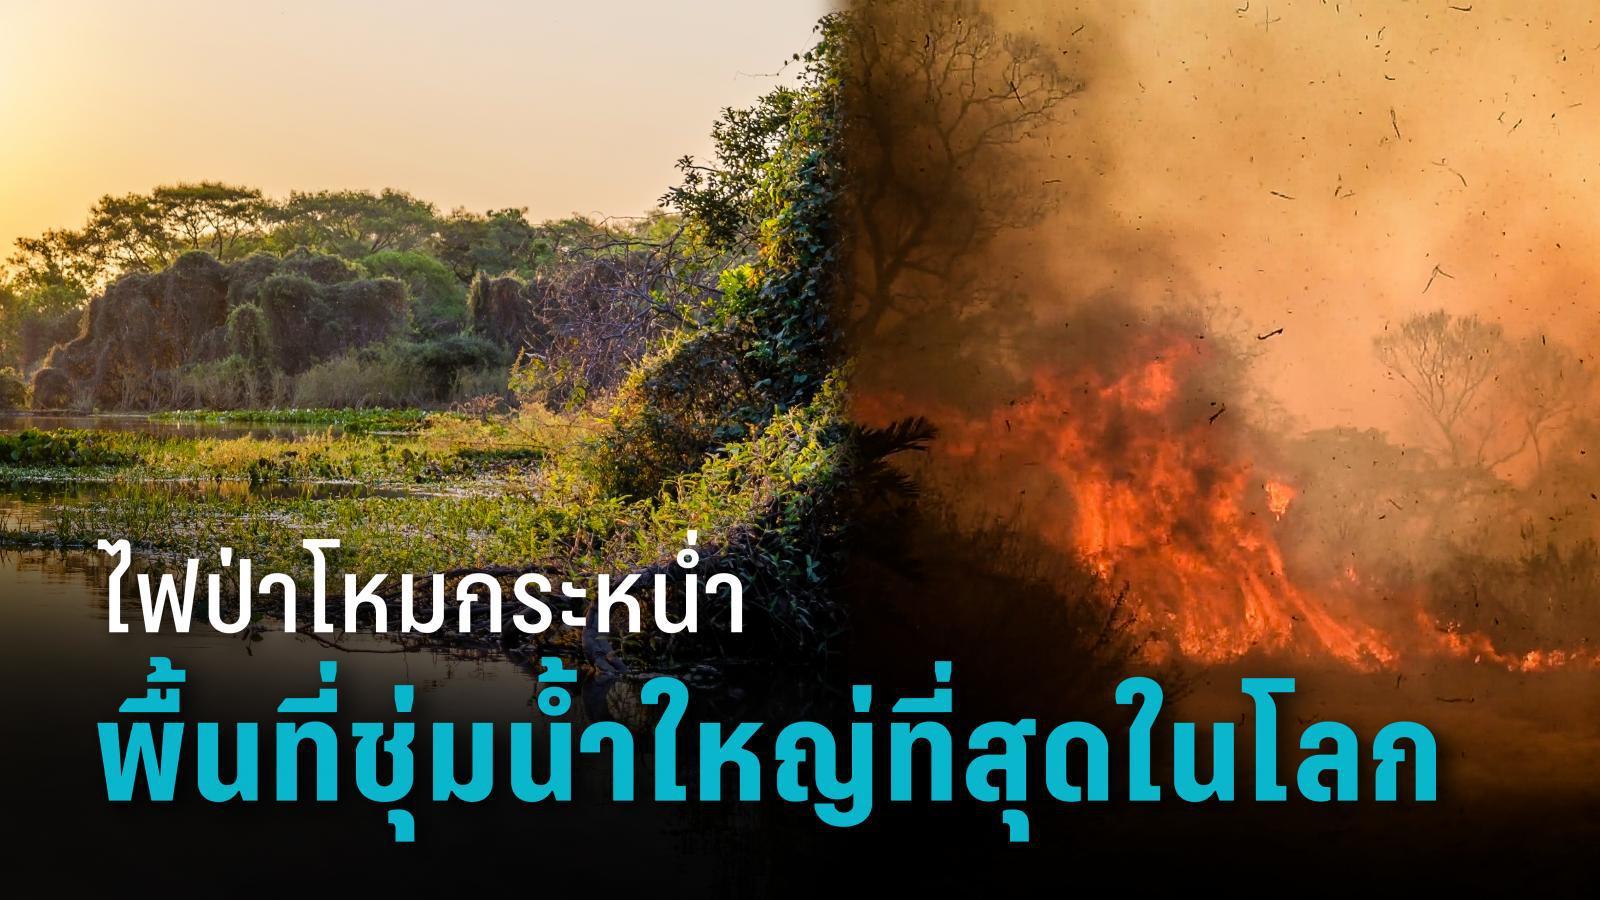 โลกร้อนขึ้นอีก เกิดไฟป่าในพื้นที่ชุ่มน้ำที่ใหญ่ที่สุดในโลก